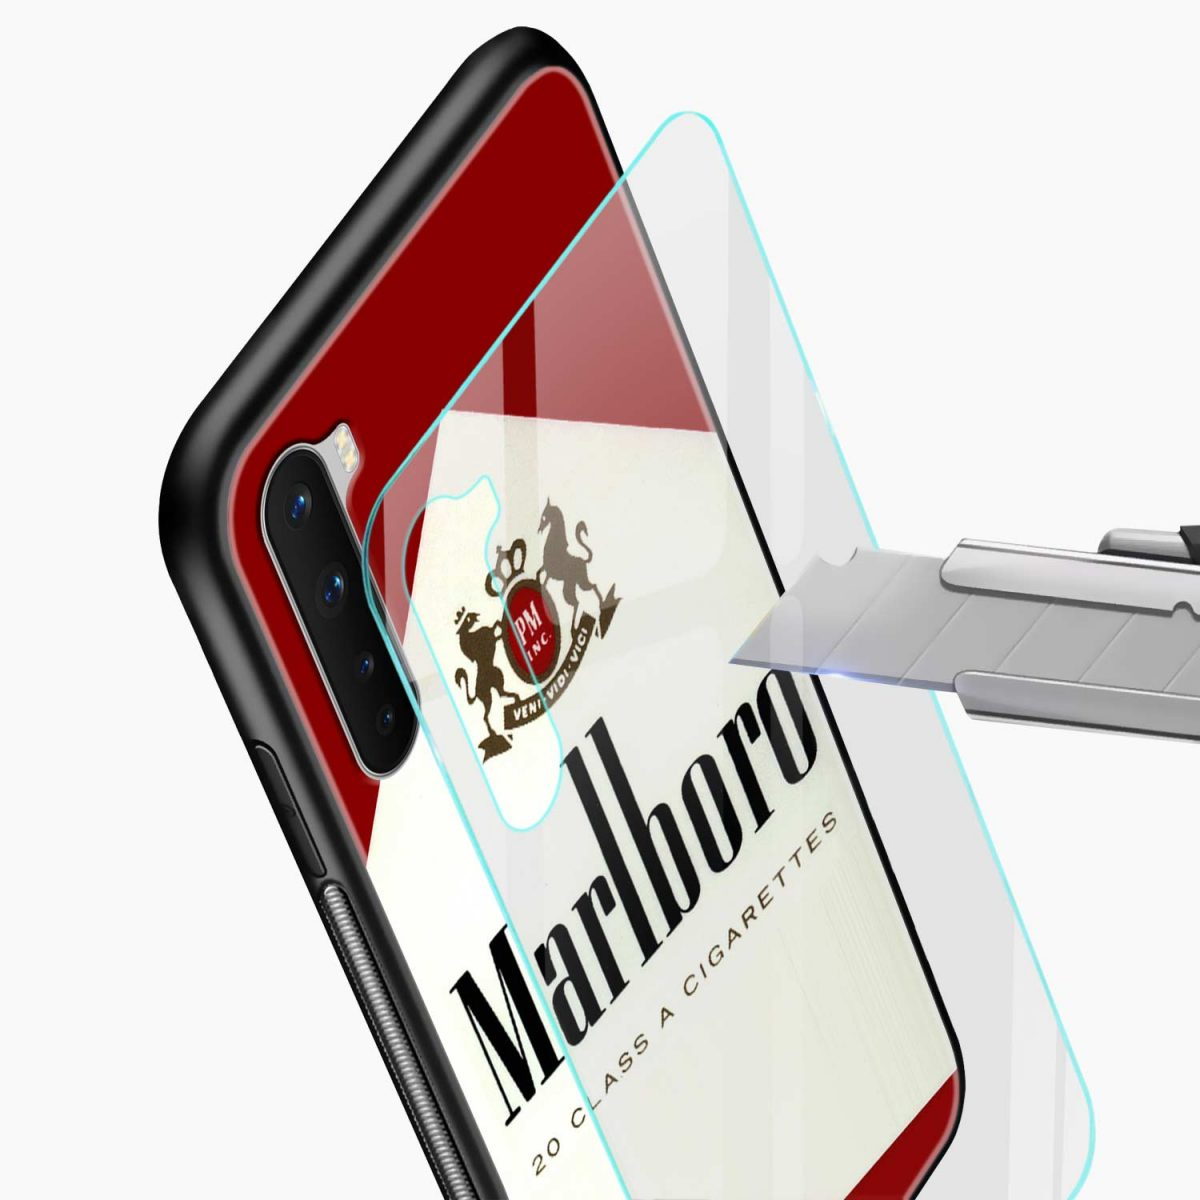 marlboro cigarette box glass view oneplus nord back cover